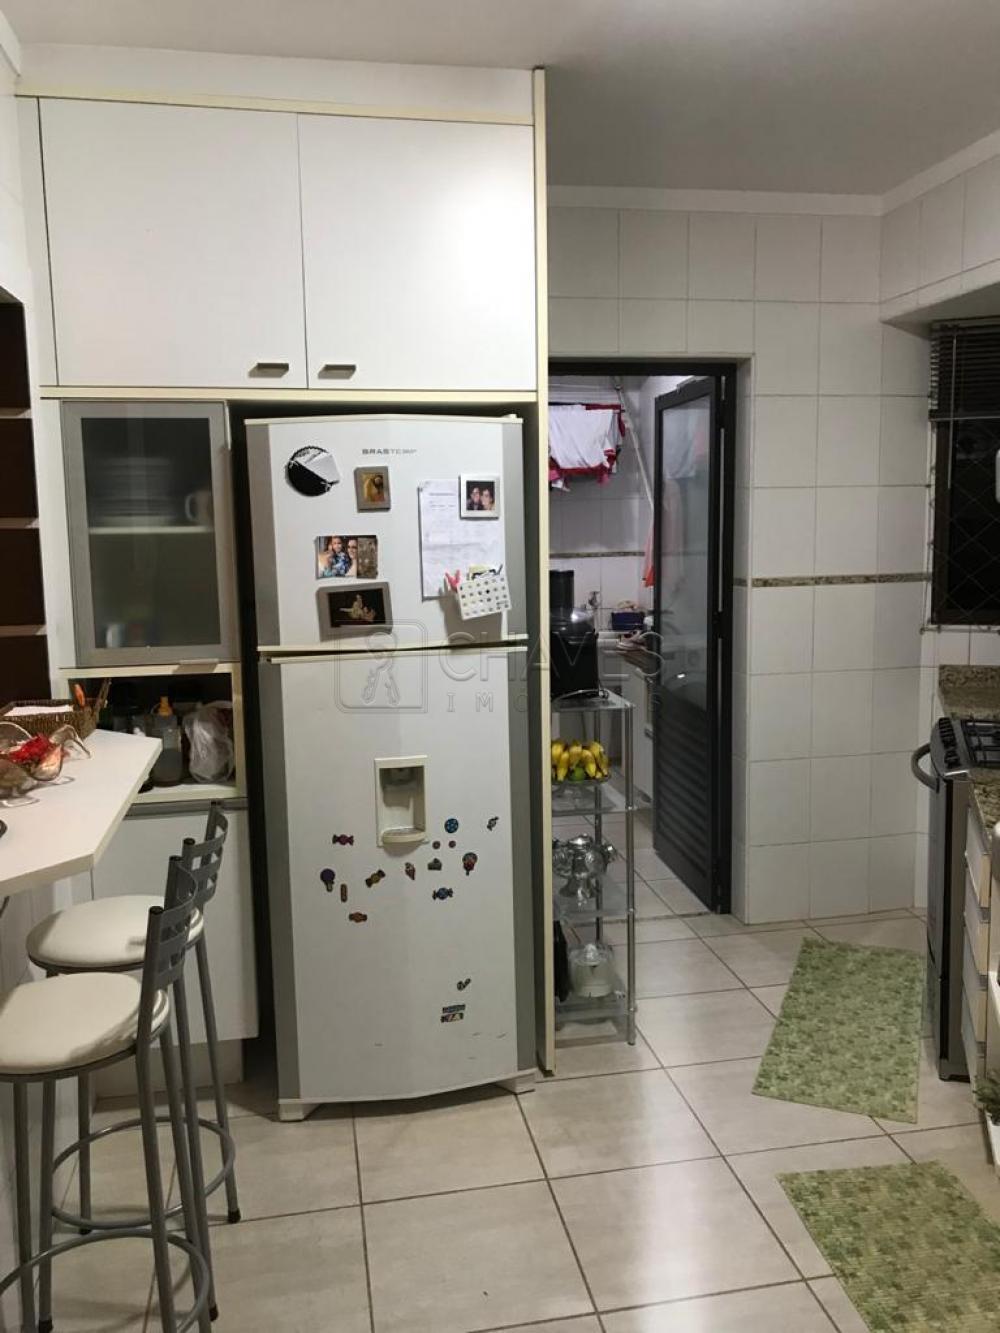 Comprar Apartamento / Padrão em Ribeirão Preto R$ 610.000,00 - Foto 9